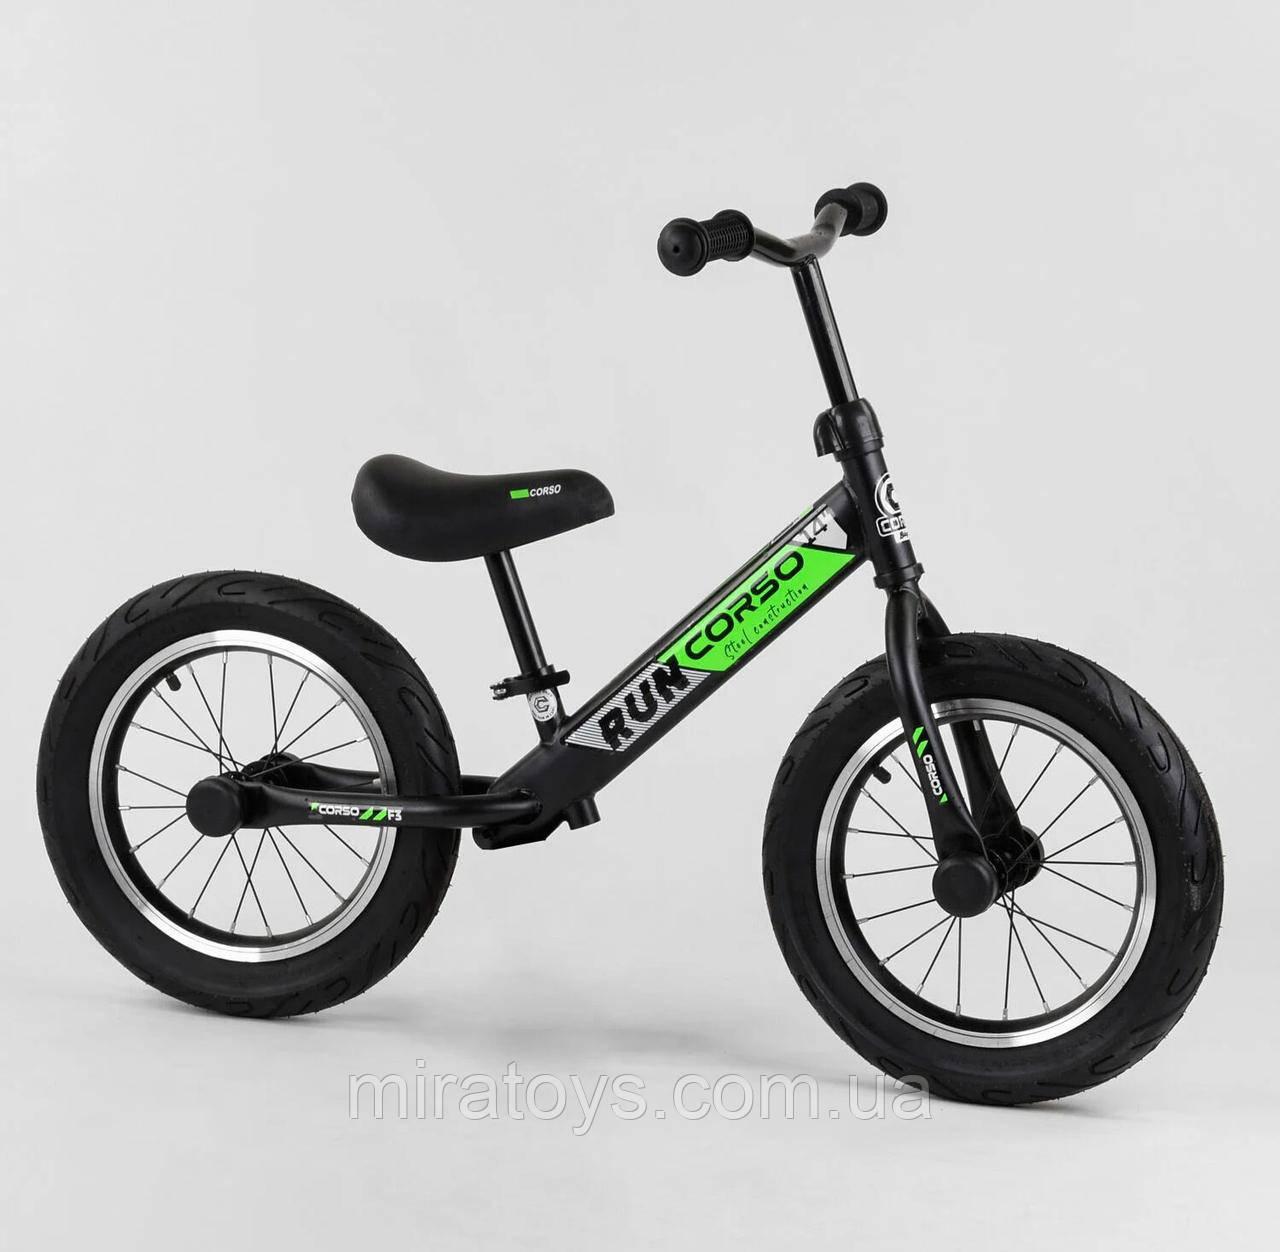 """Двухколесный беговел велобег CORSO 6247 для детей с надувными колесами 14"""" и регулировкой сиденья"""